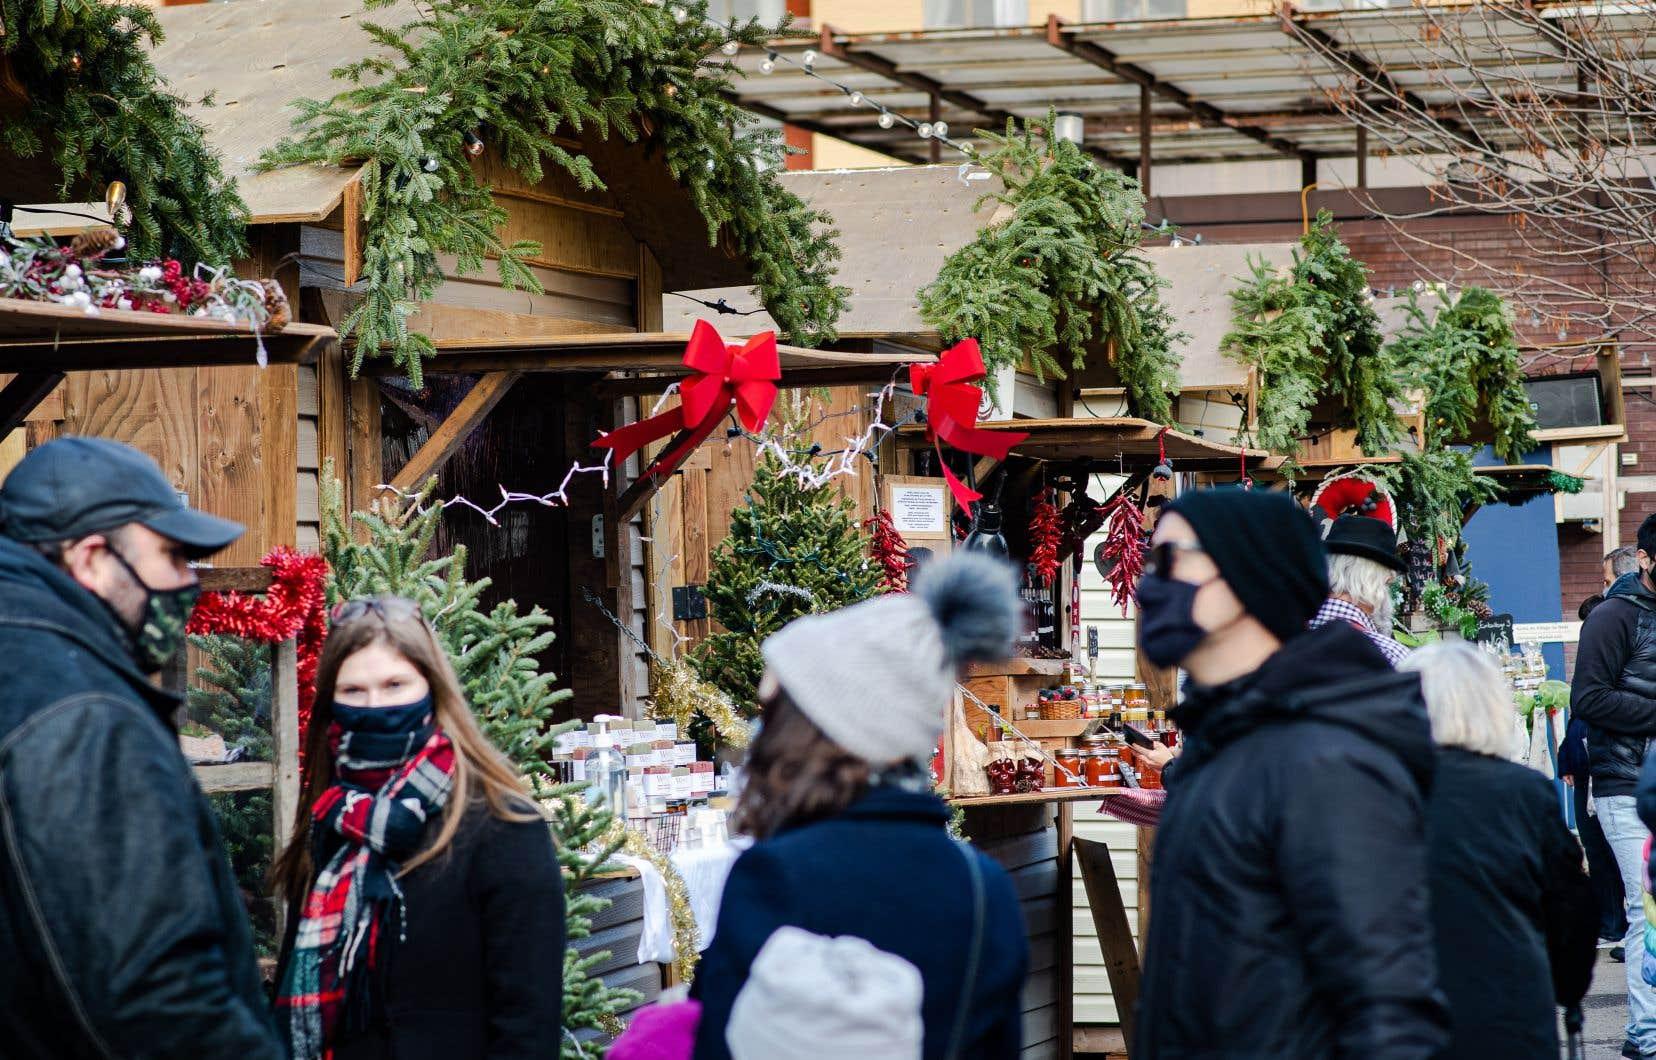 Les marchés de Noël sont une destination de choix pour encourager les artisans locaux.